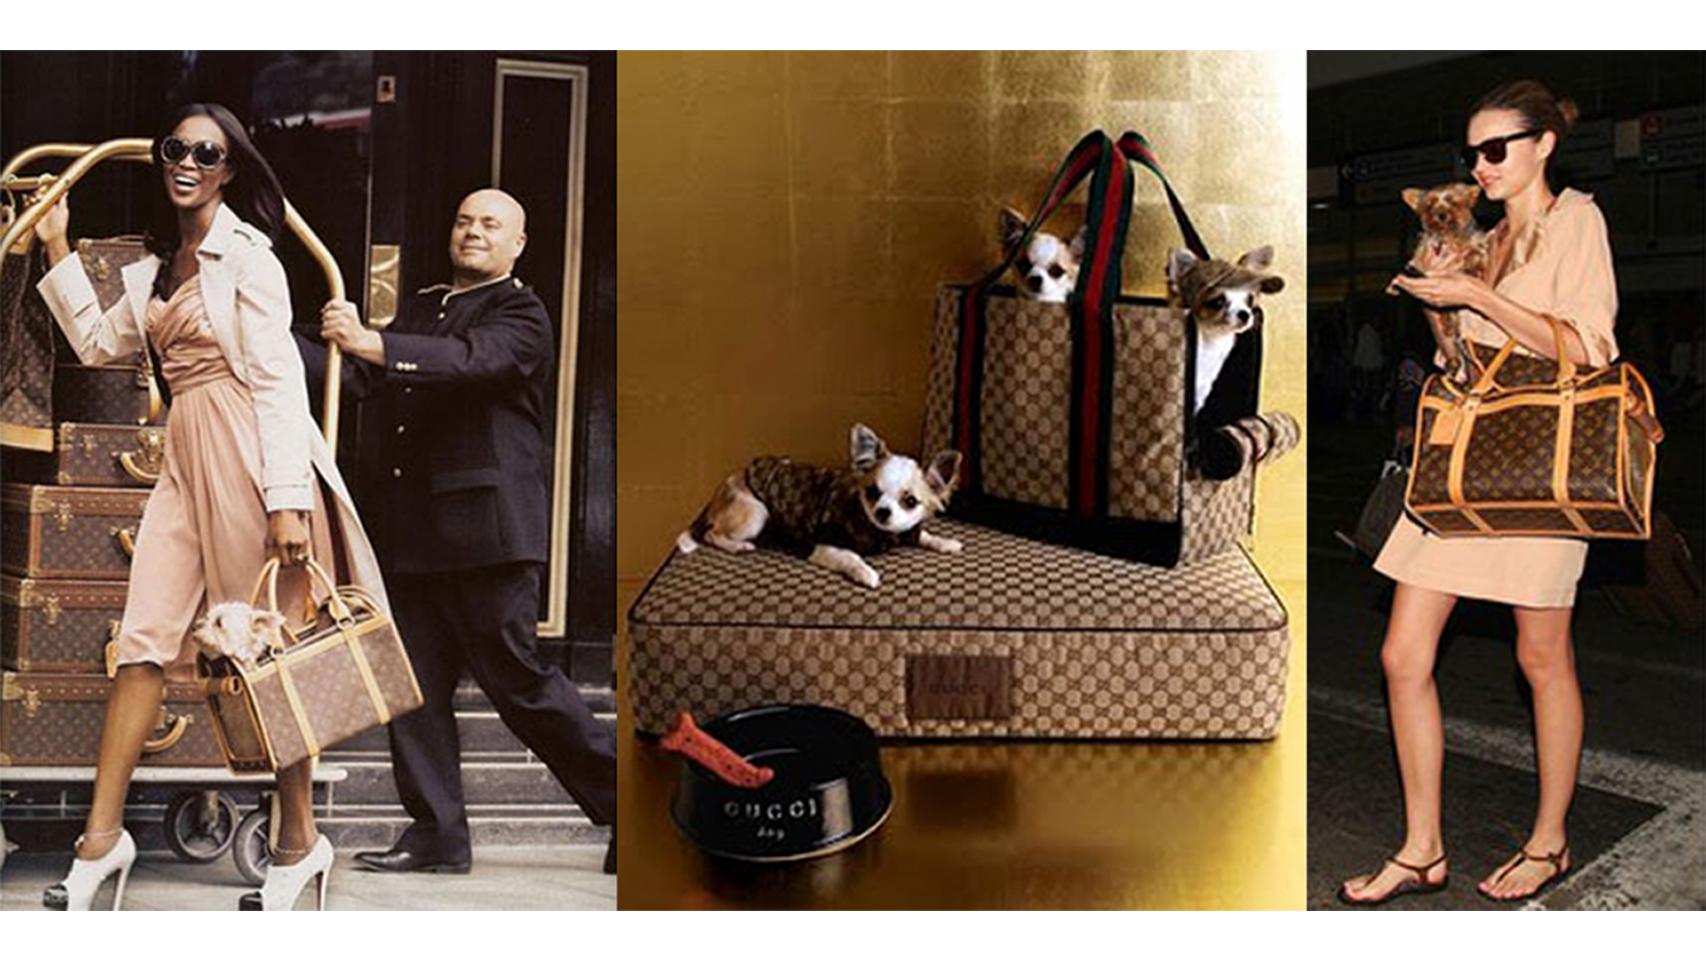 Los bolsos de Gucci y Louis Vuitton llevando a perr@s con estilo.